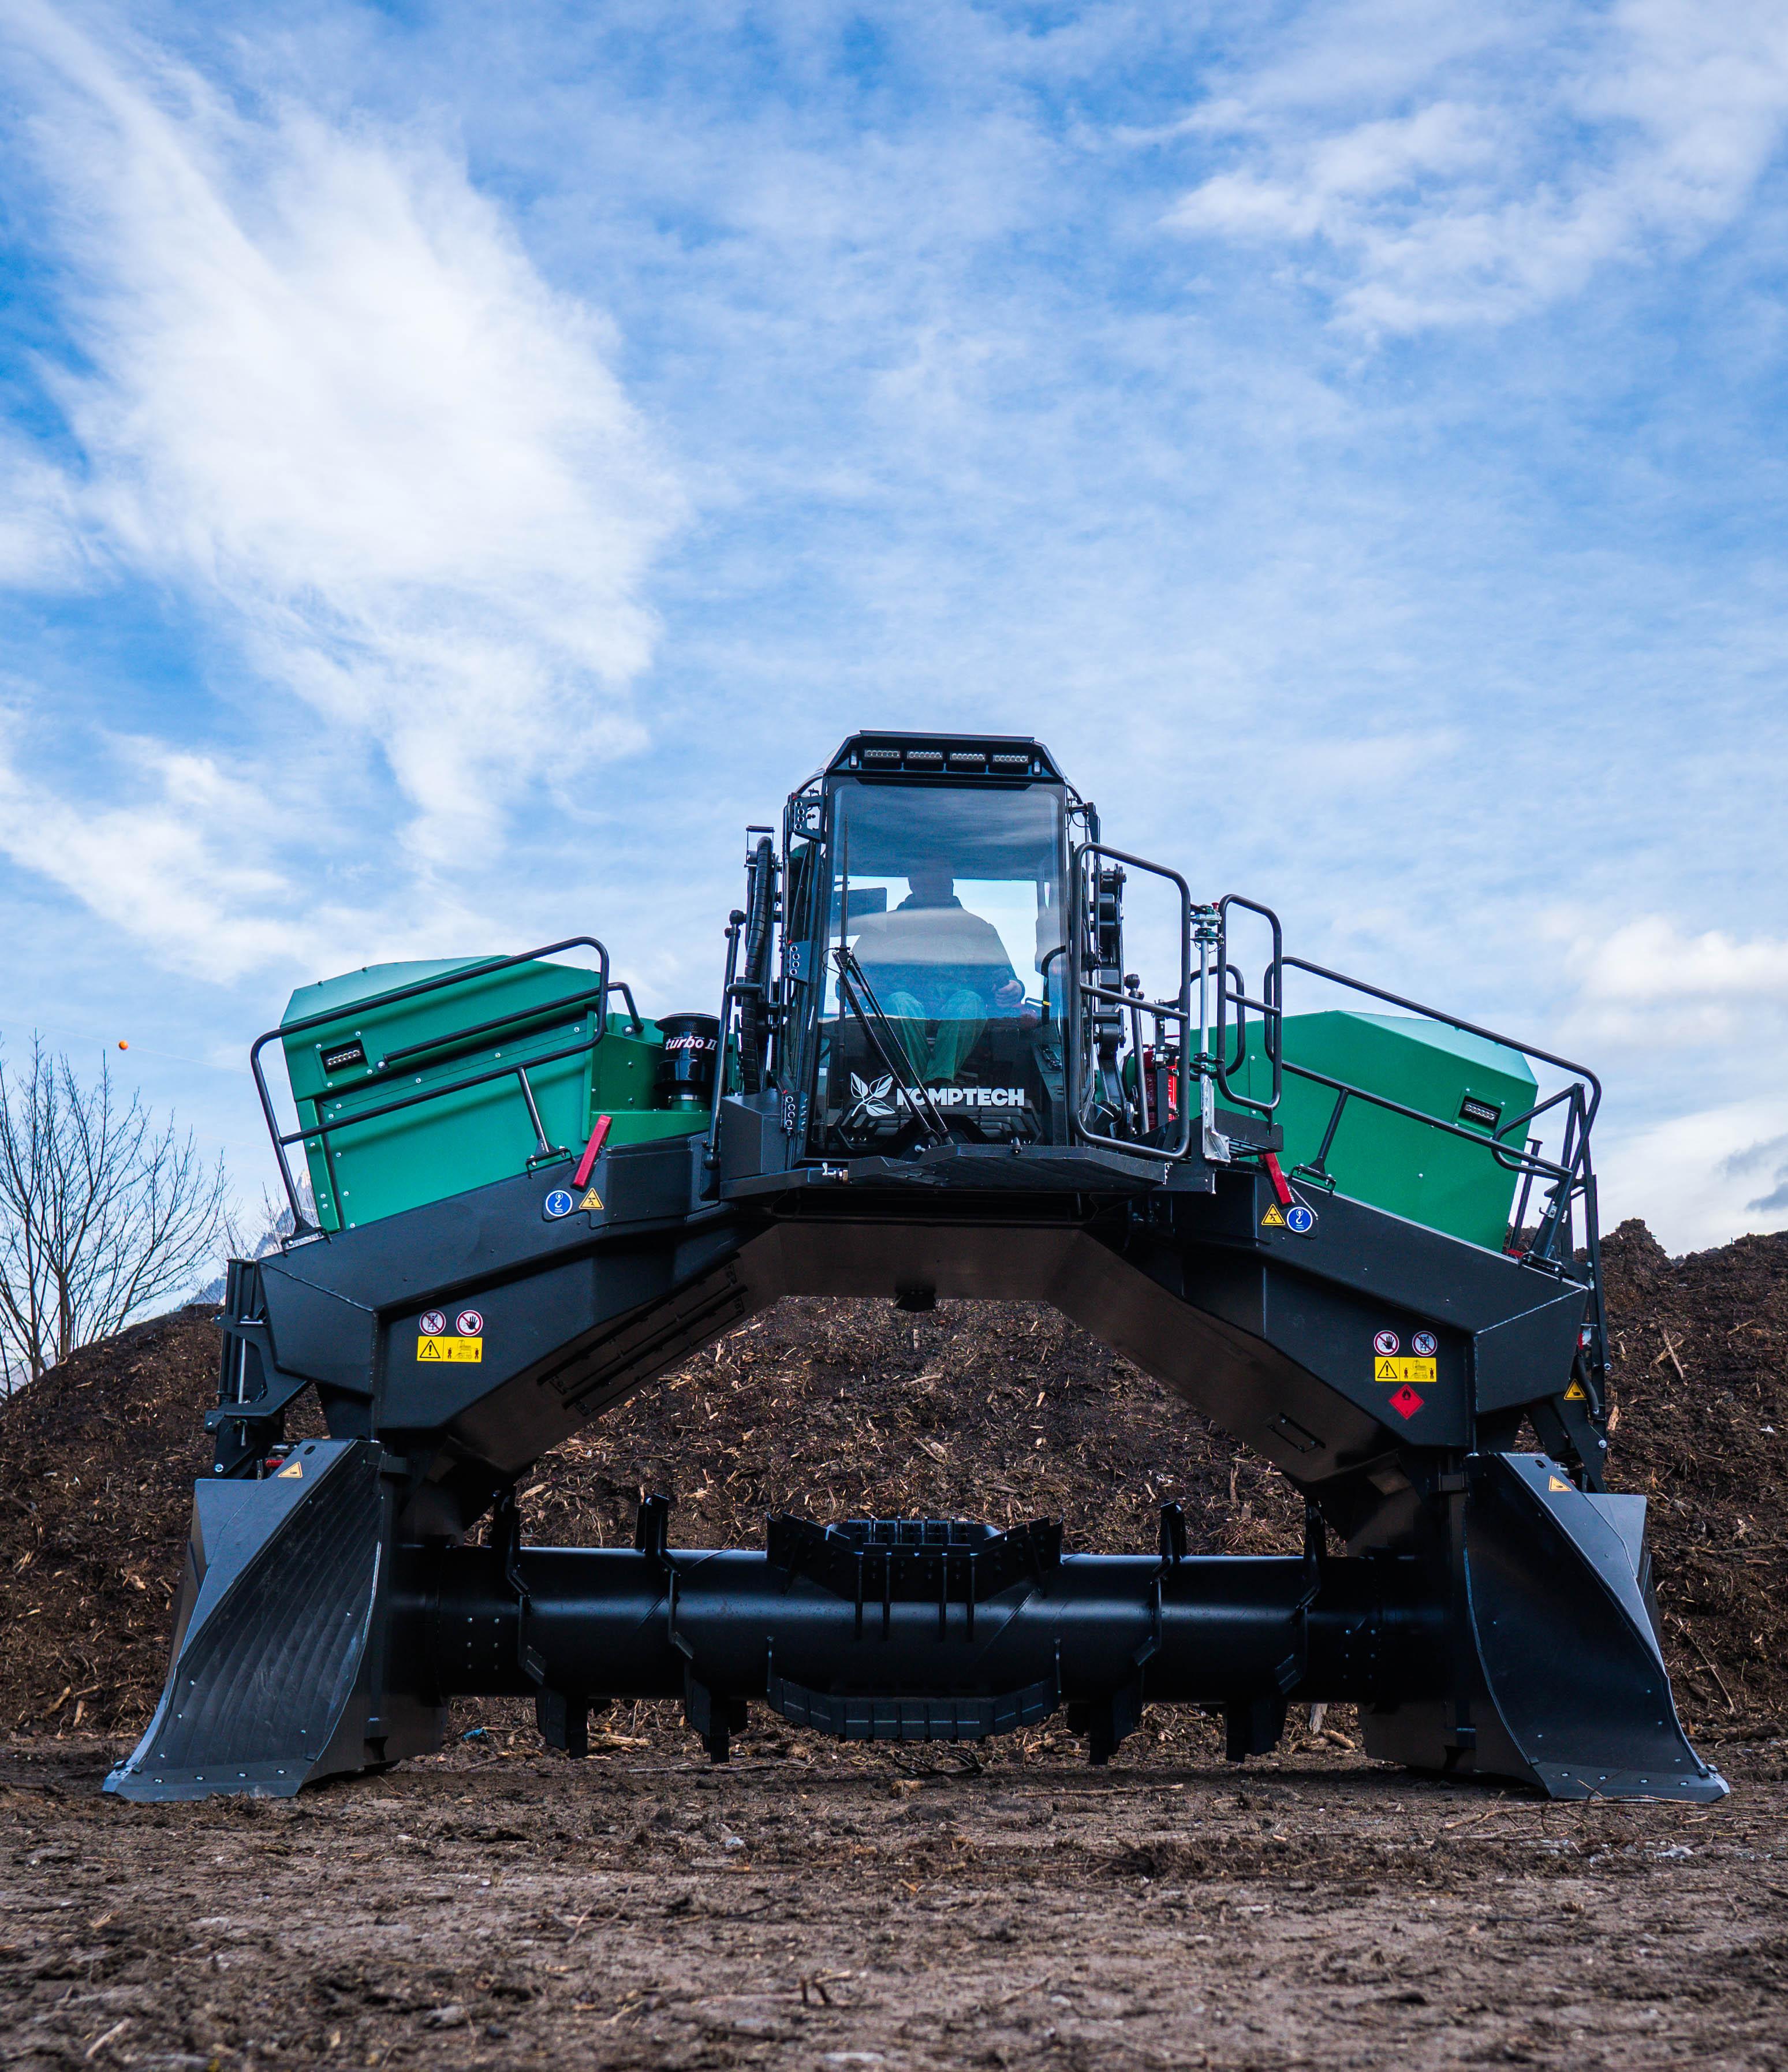 Mit dem neuen Mietenumsetzer Topturn X5000 steht jetzt die perfekte Maschine für den mittleren und oberen Leistungsbereich zur Verfügung. Foto: Komptech